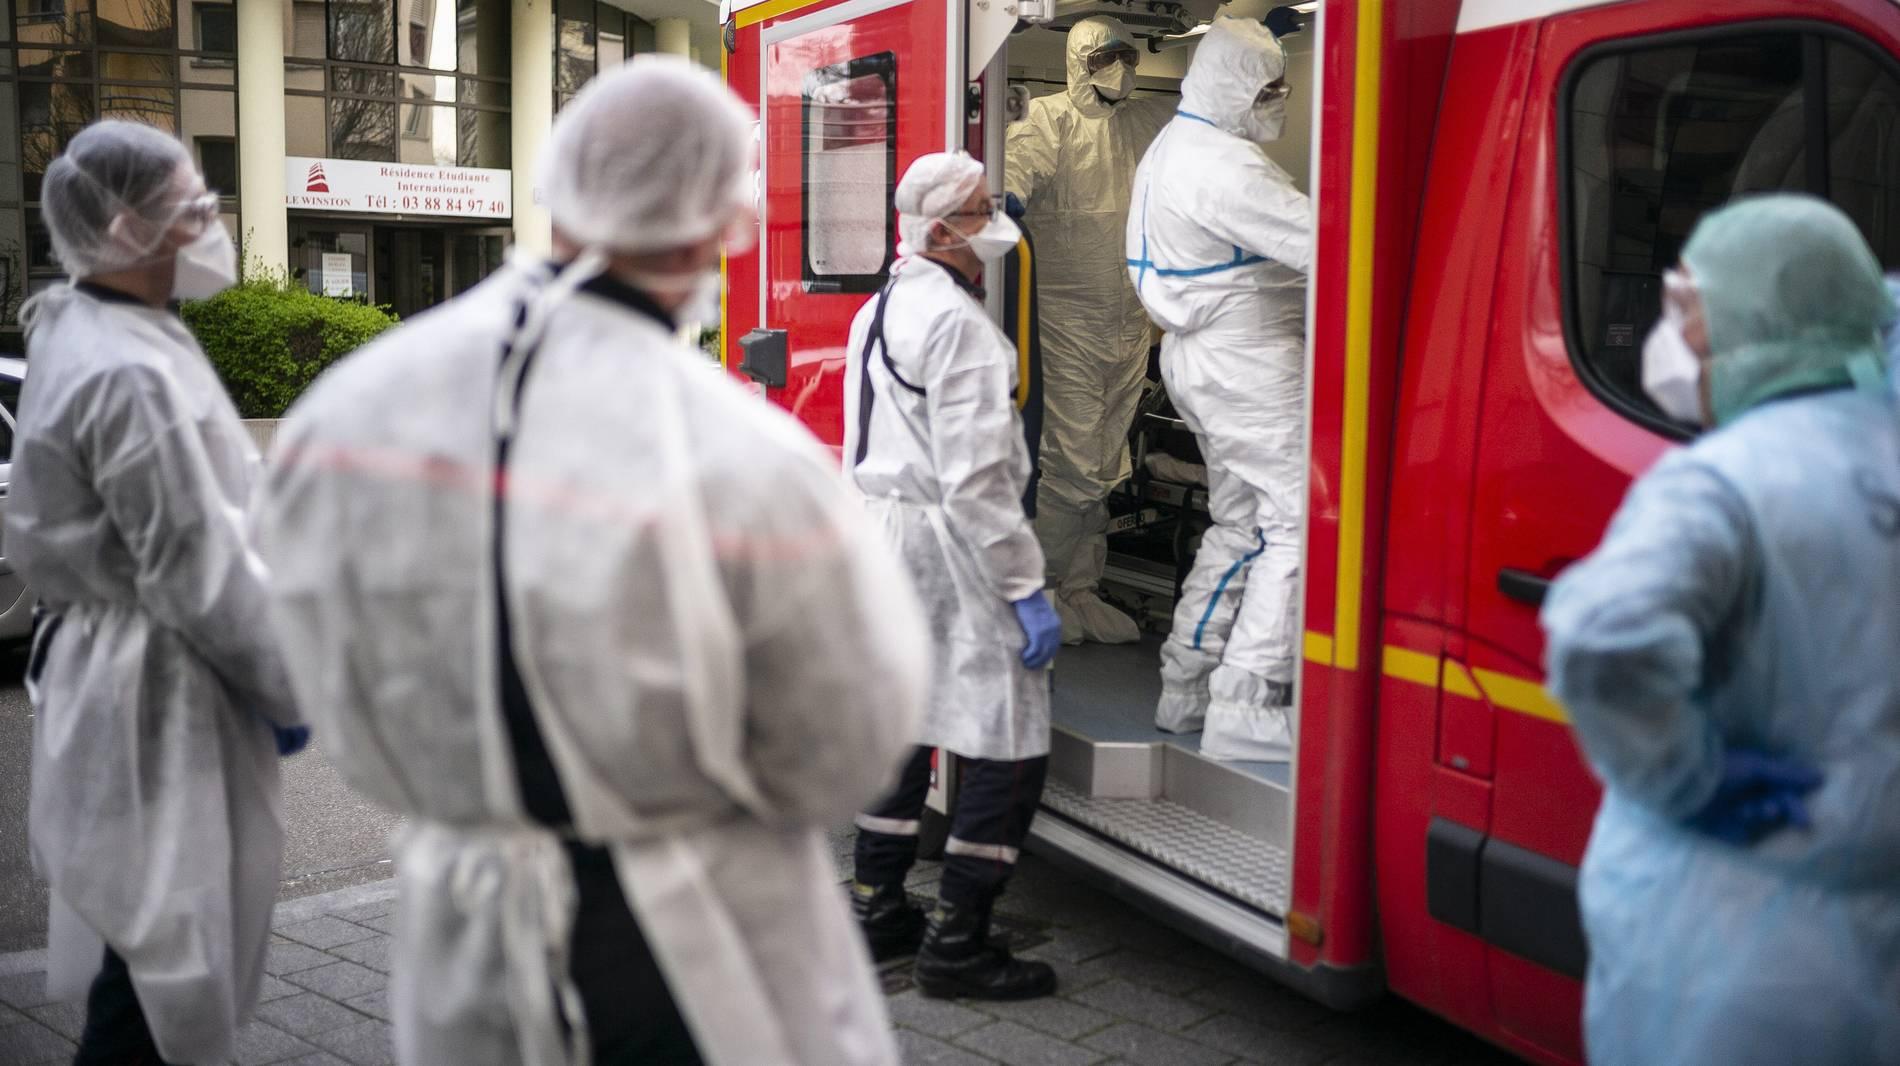 Dramatische Situation | Patienten über 80 werden nicht mehr beatmet